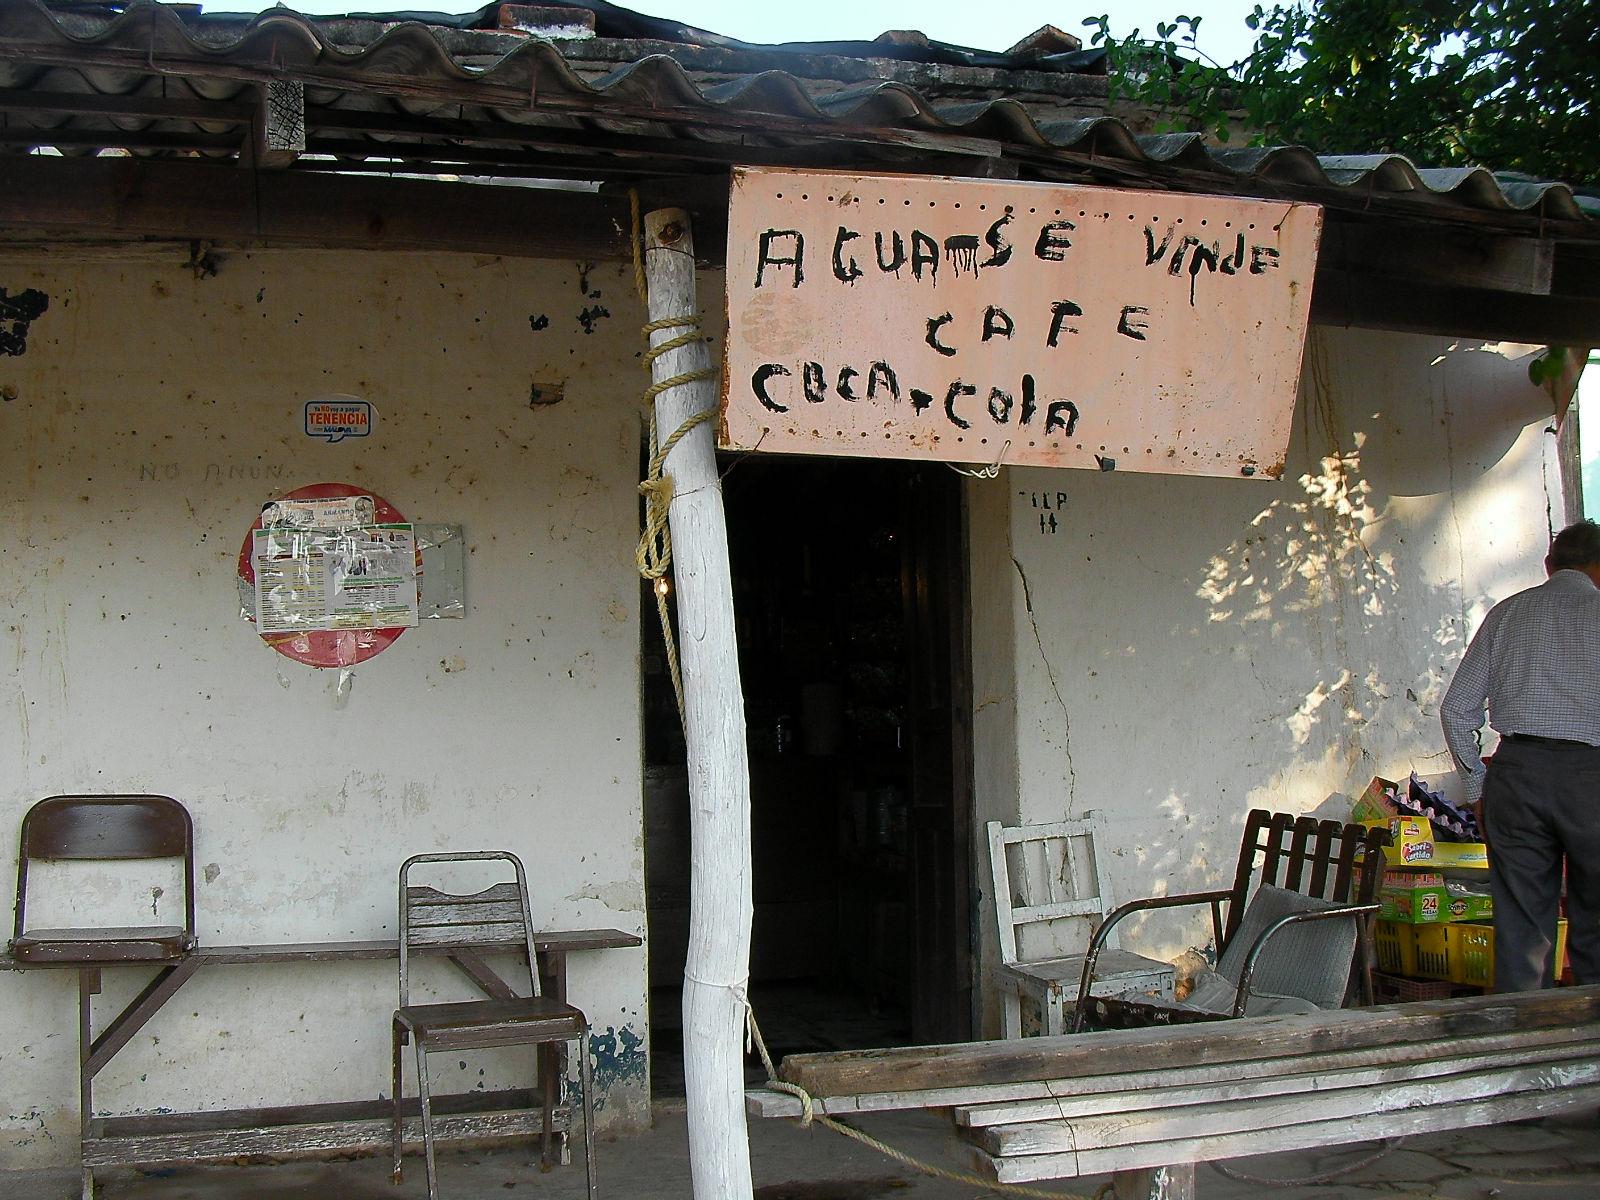 Estacioncafe